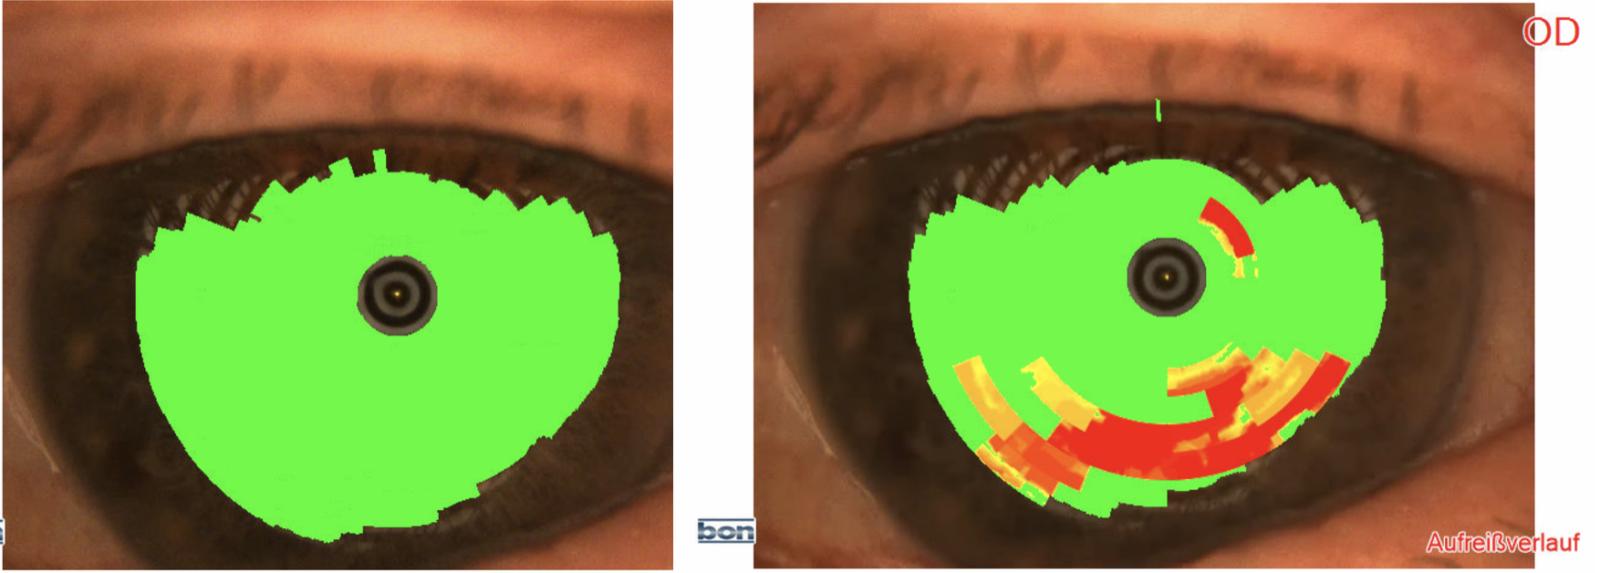 Das Bild zeigt links einen sehr gleichmäßigen Tränenfilm und rechts einen bereits abgetrpckneten Tränenfilm.